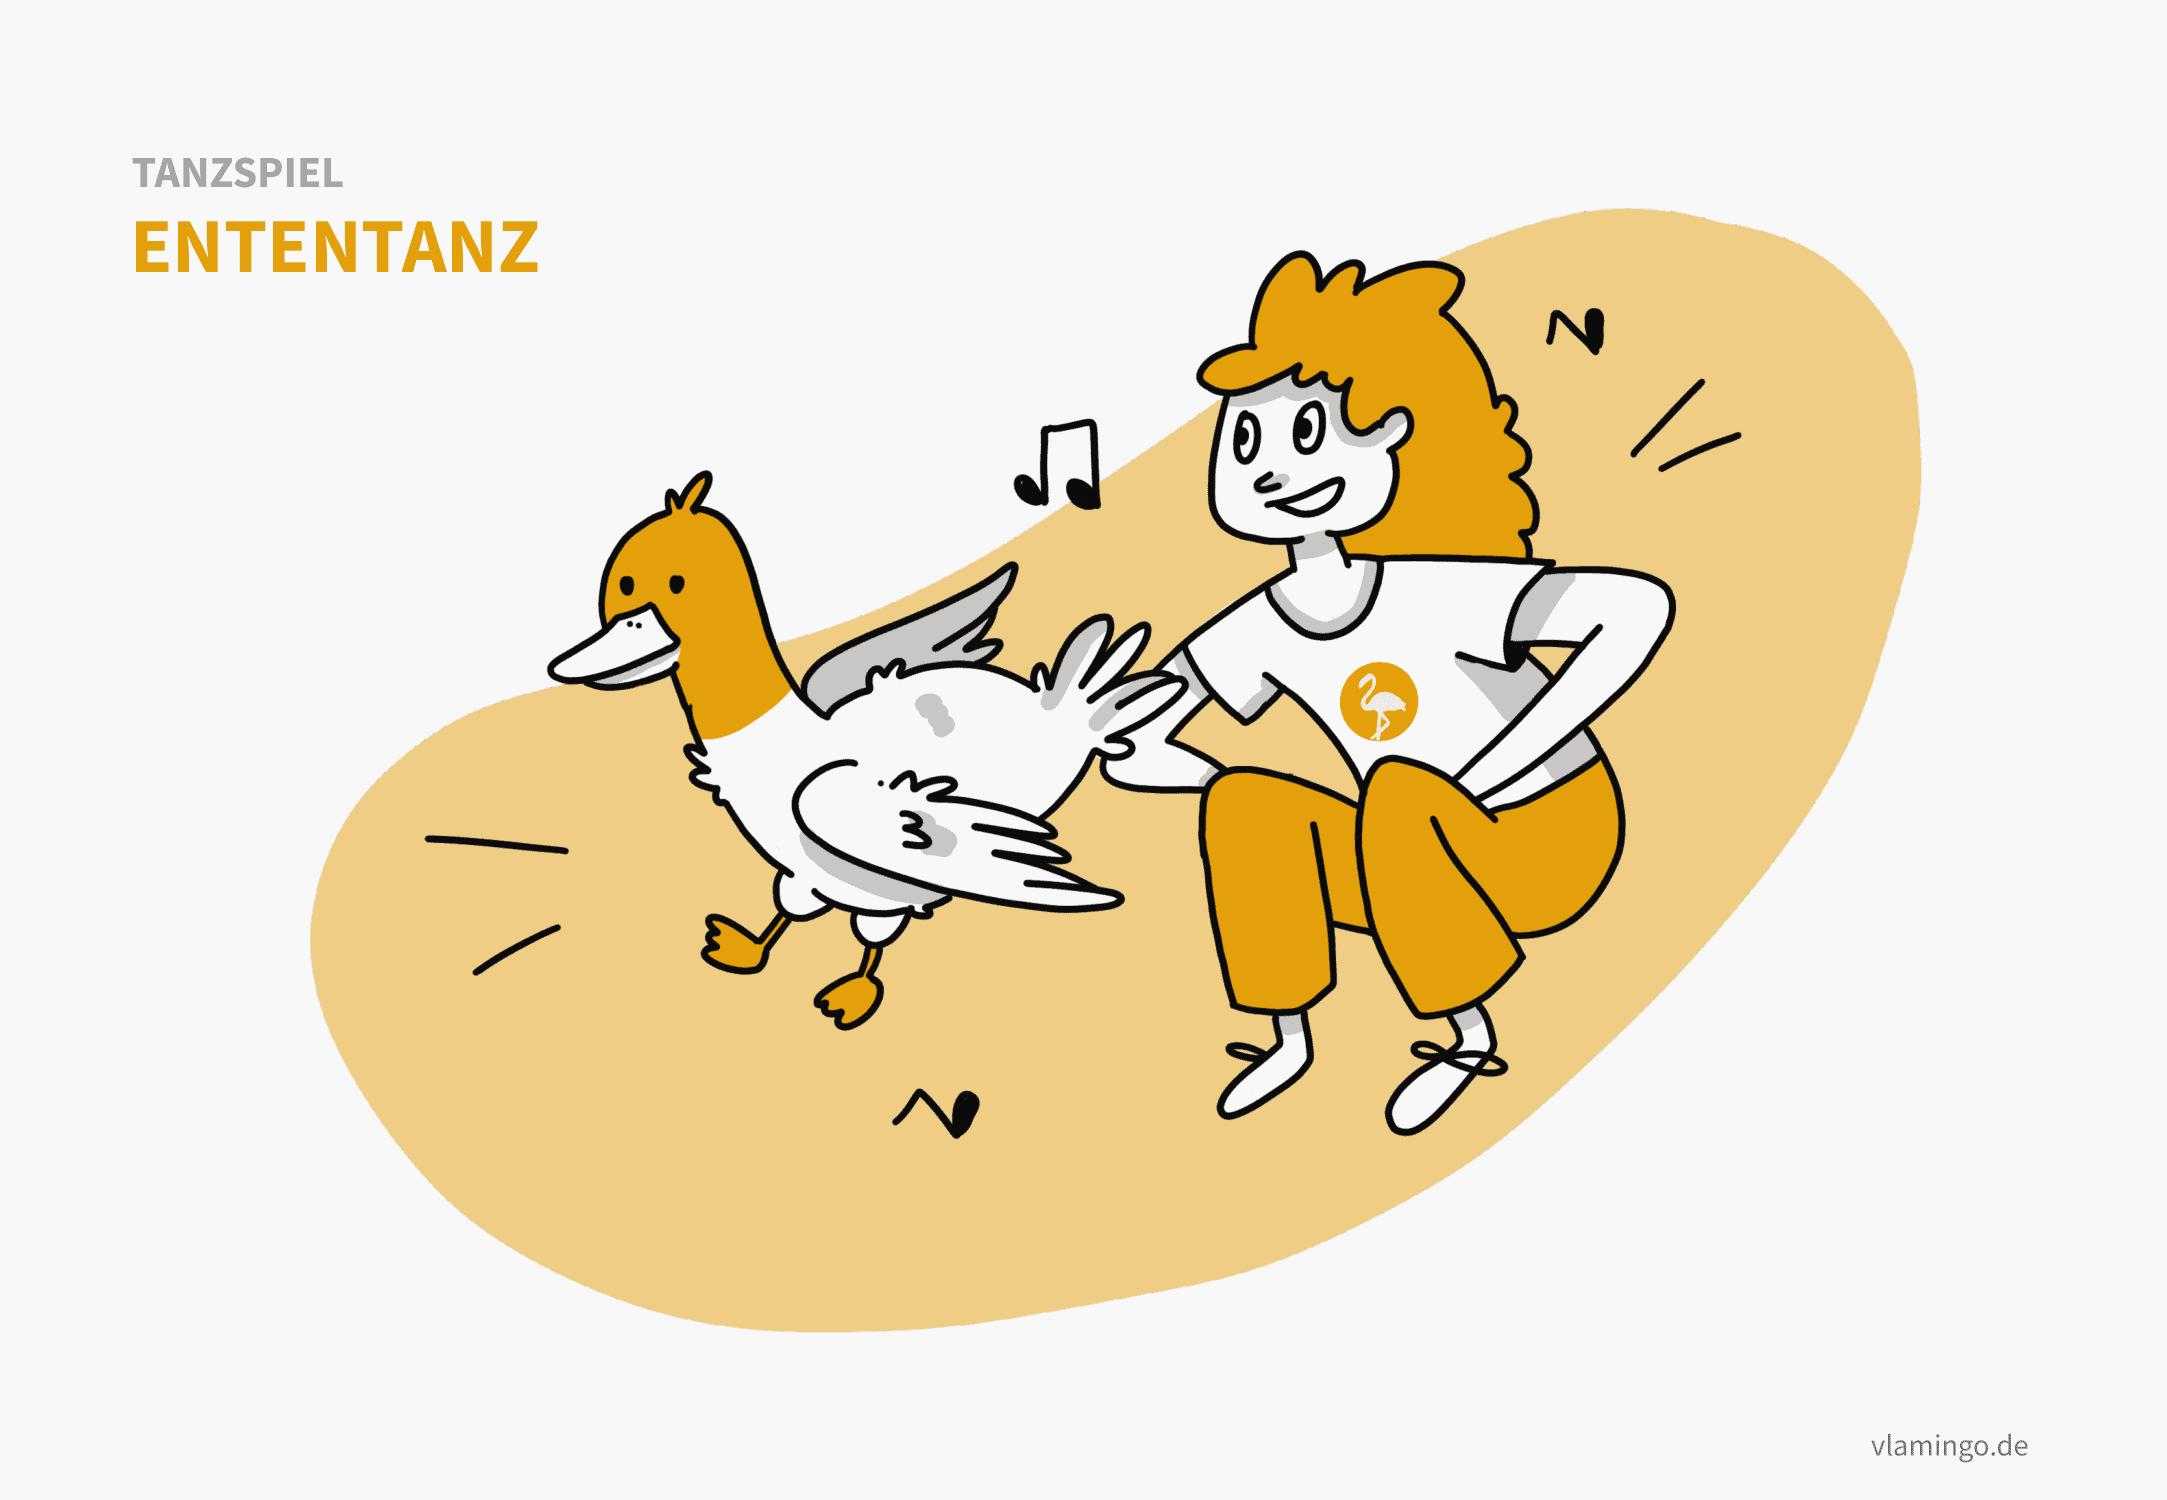 Tanzspiel - Ententanz